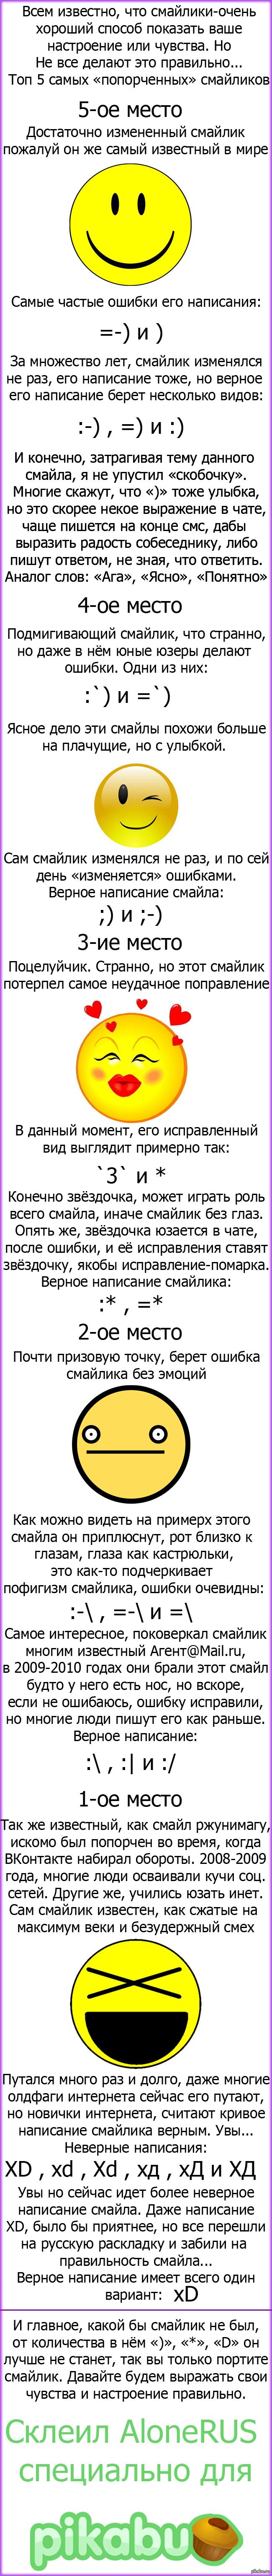 значение смайлика 8: